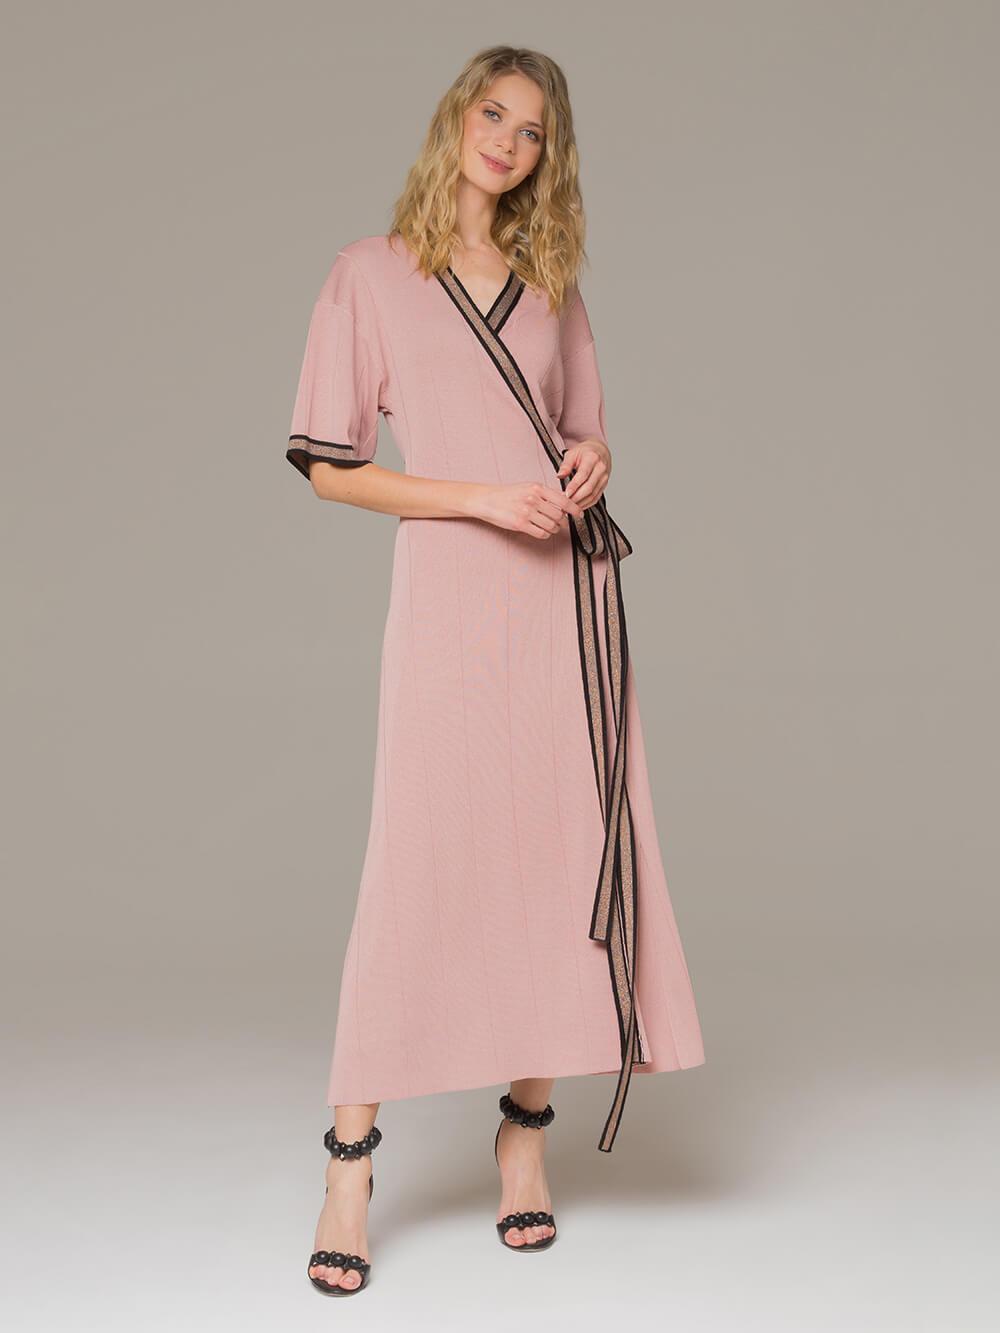 Женское платье розового цвета с запахом - фото 1